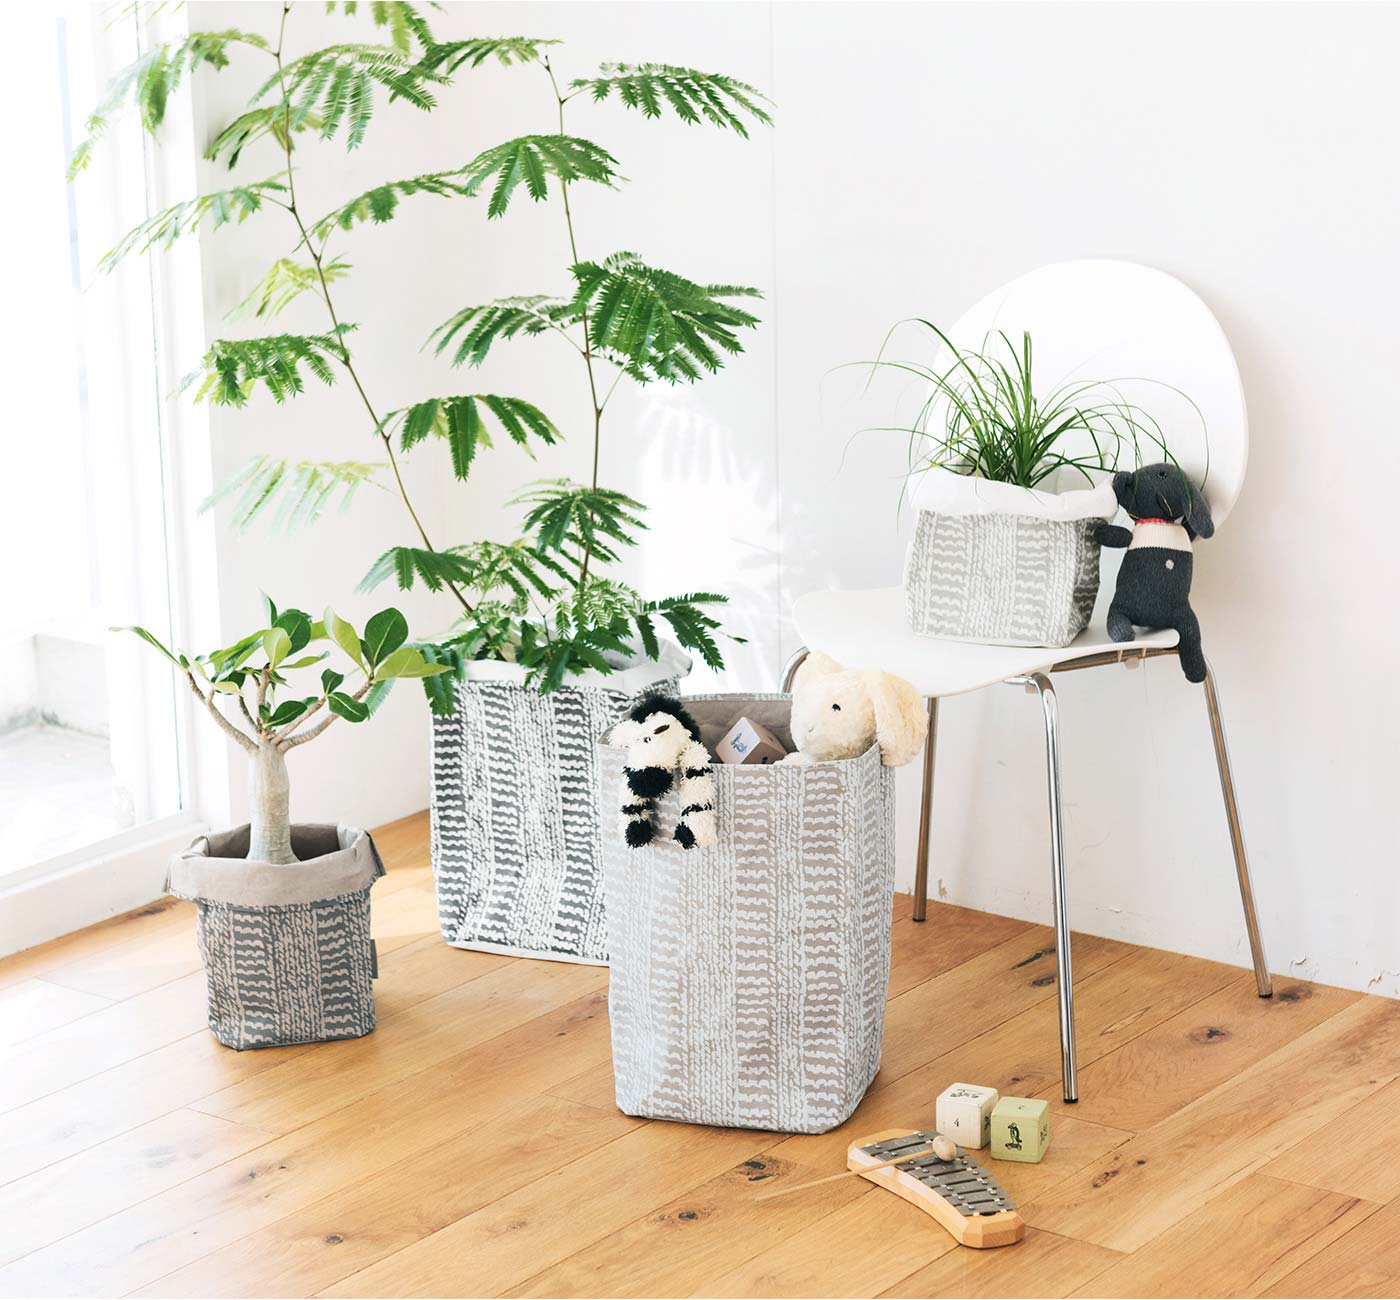 観葉植物のプラスティック鉢や、子どものおもちゃなど、隠しつつセンスよく見せます。